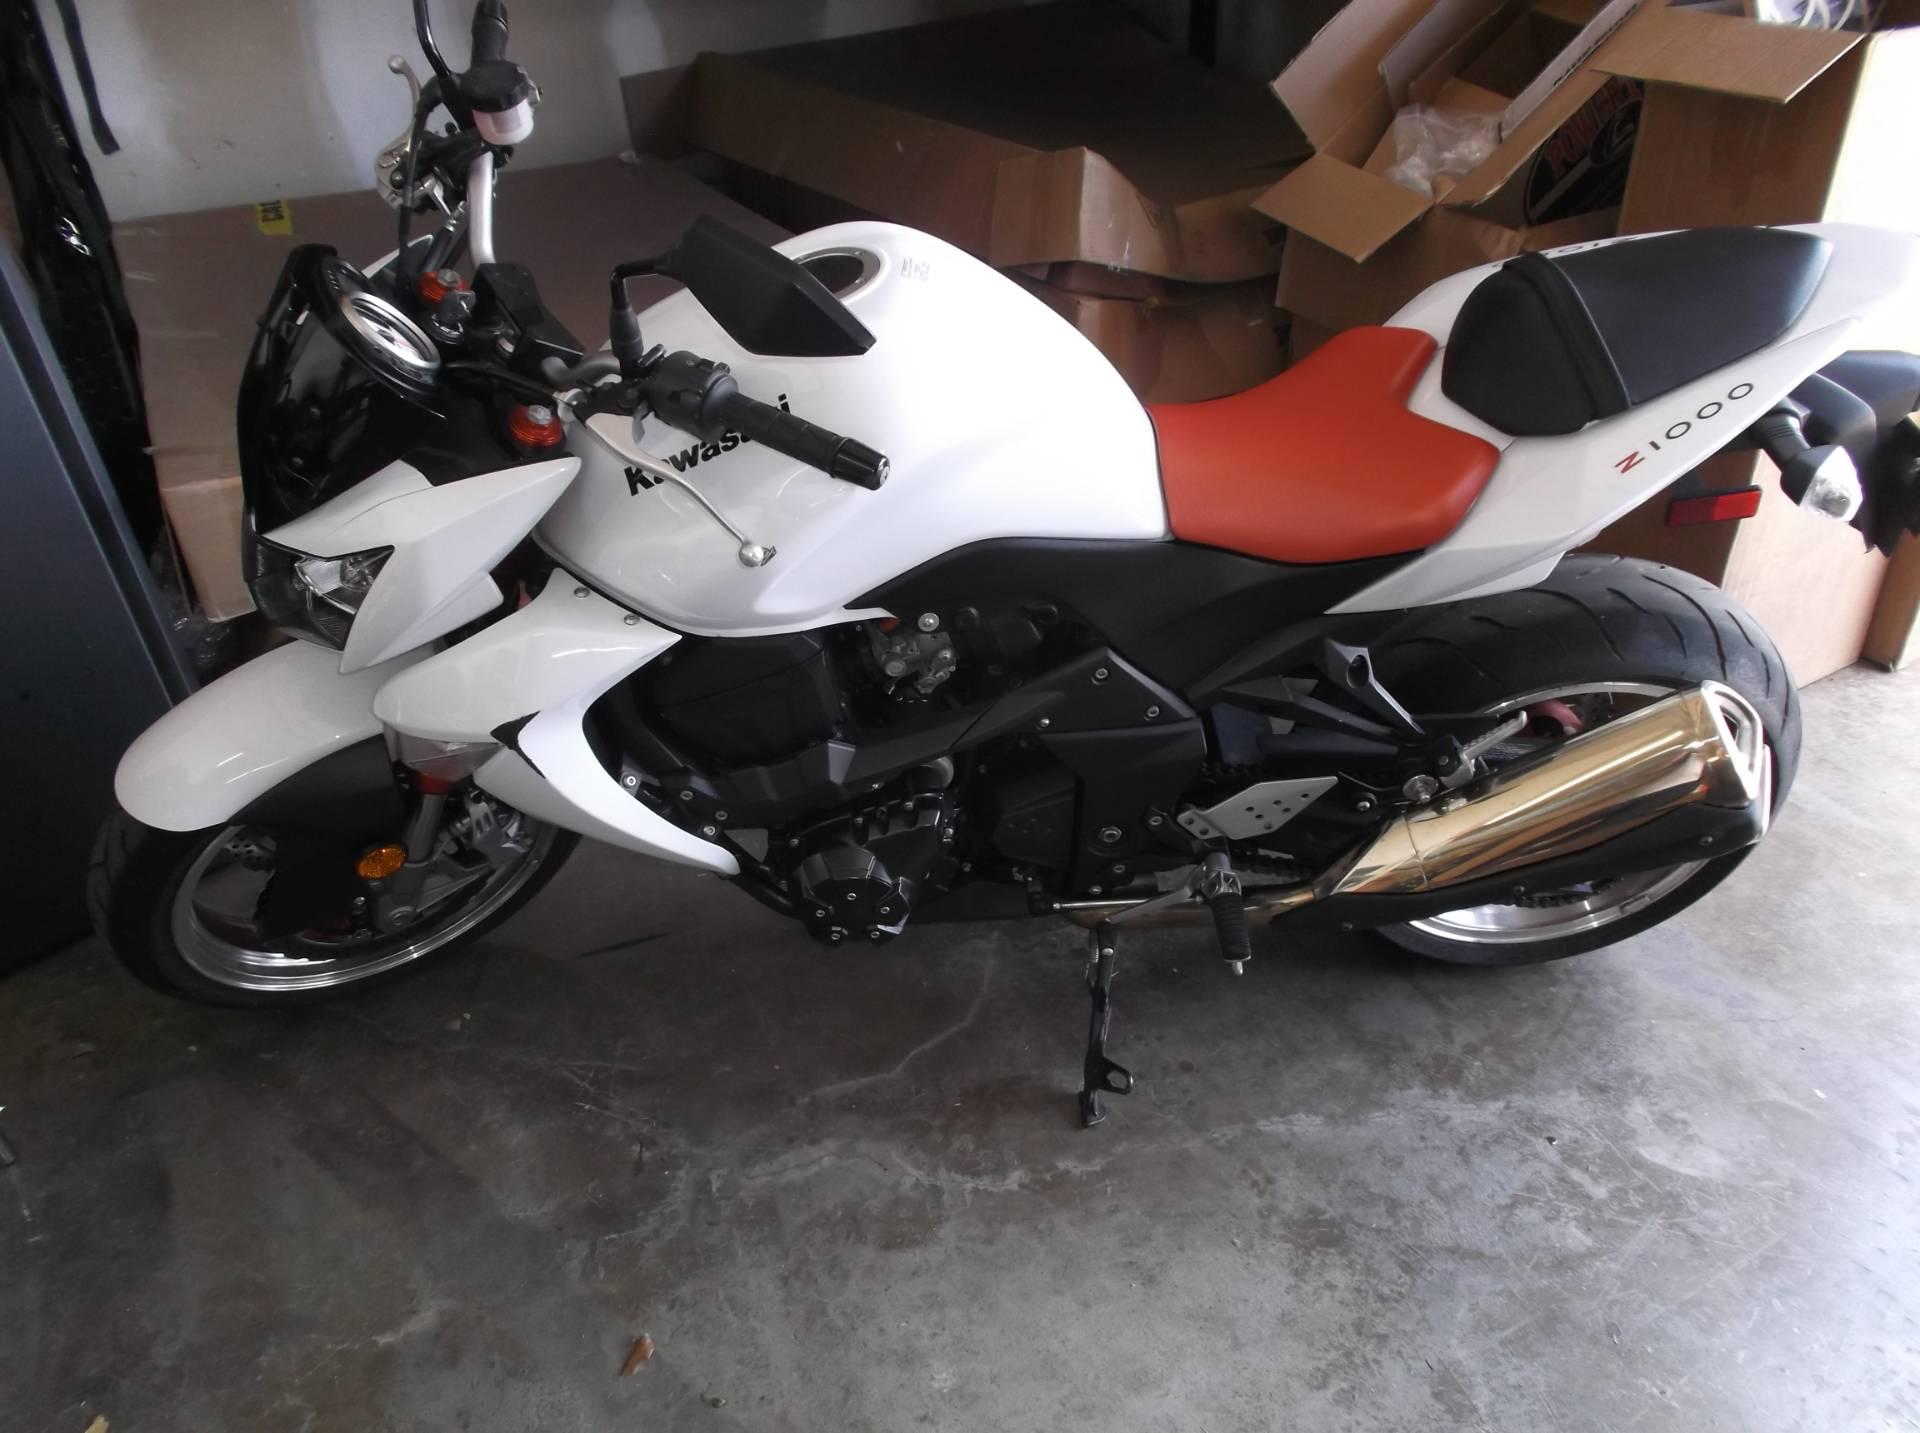 2008 Kawasaki Z1000 Motorcycles Pasadena Texas N/A